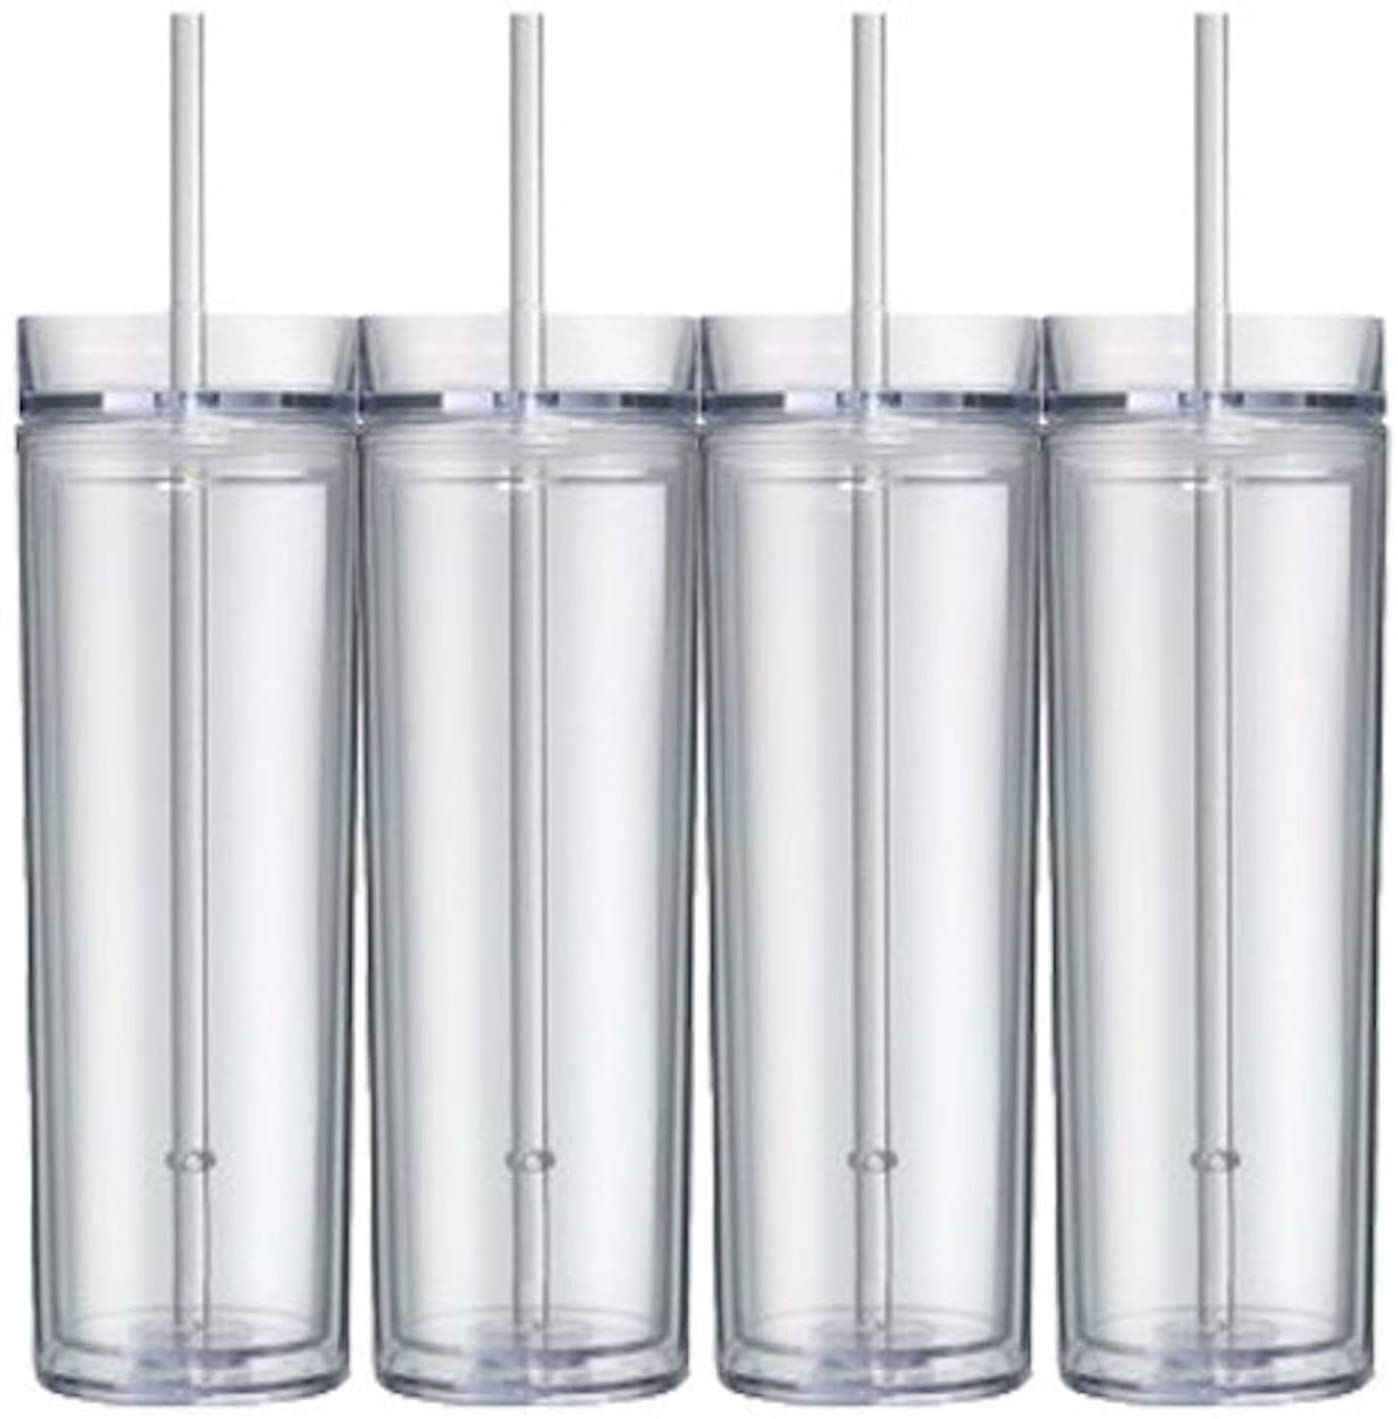 4 шт., пластиковые контейнеры с крышкой и соломинкой, 16 унций